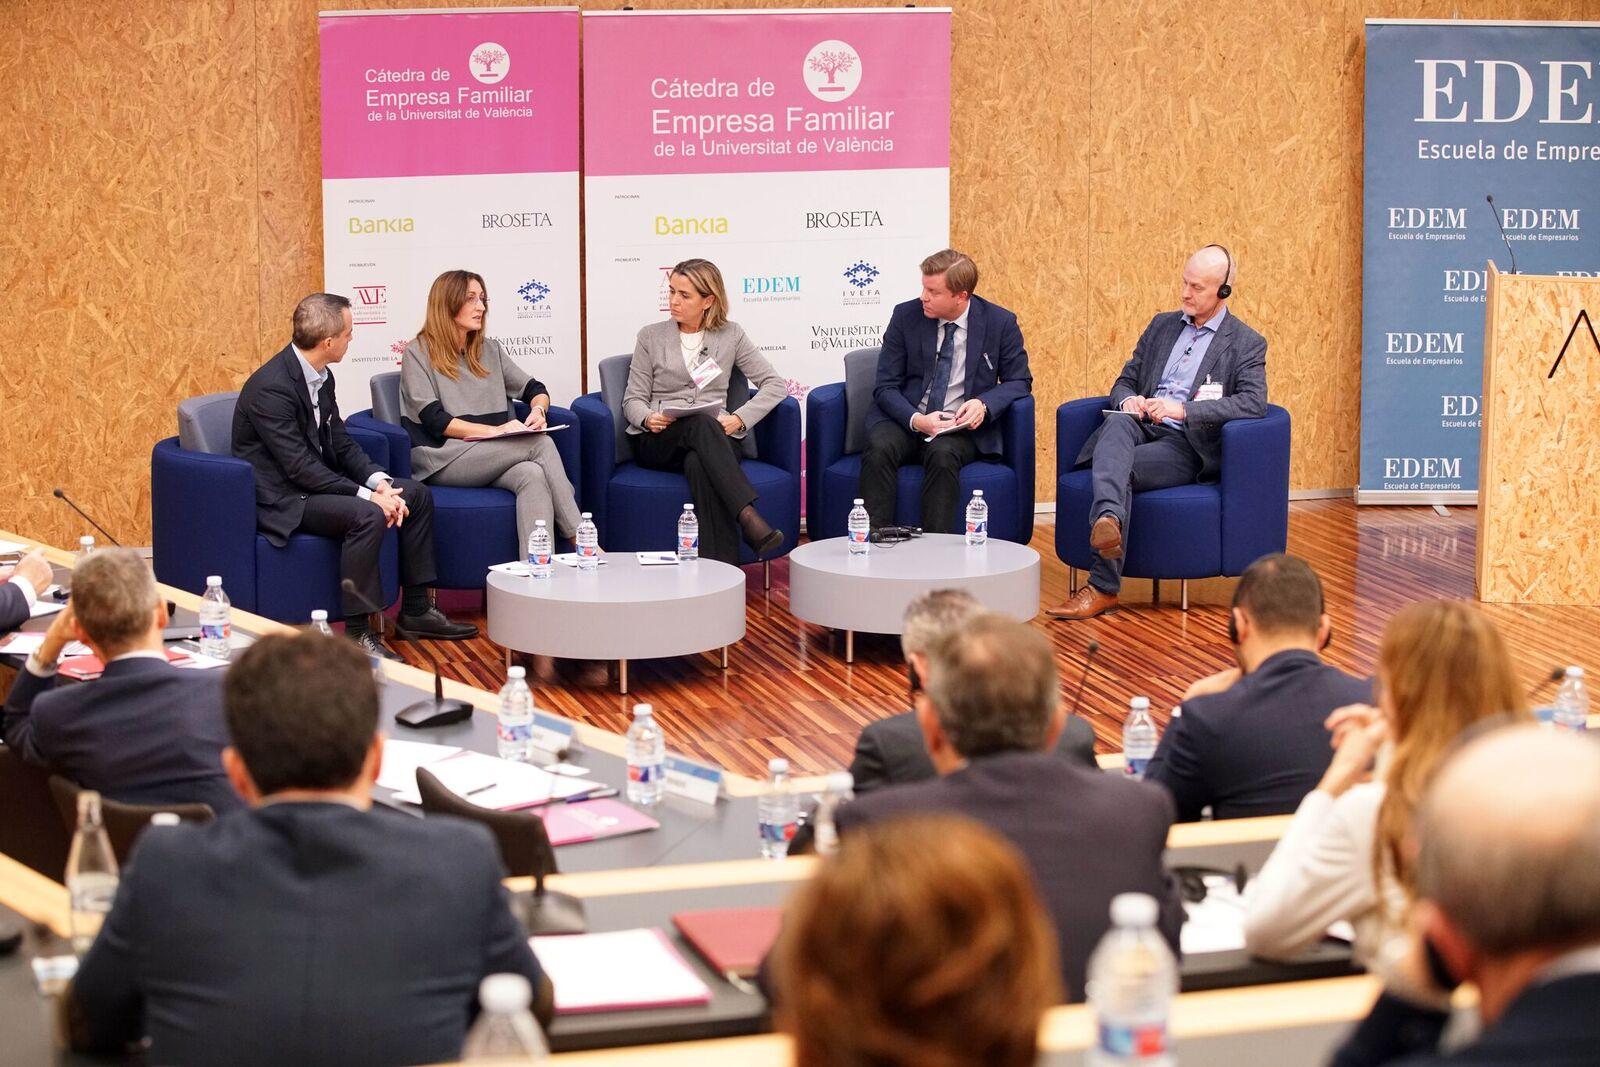 BROSETA participa en el debate sobre la empresa familiar en Europa